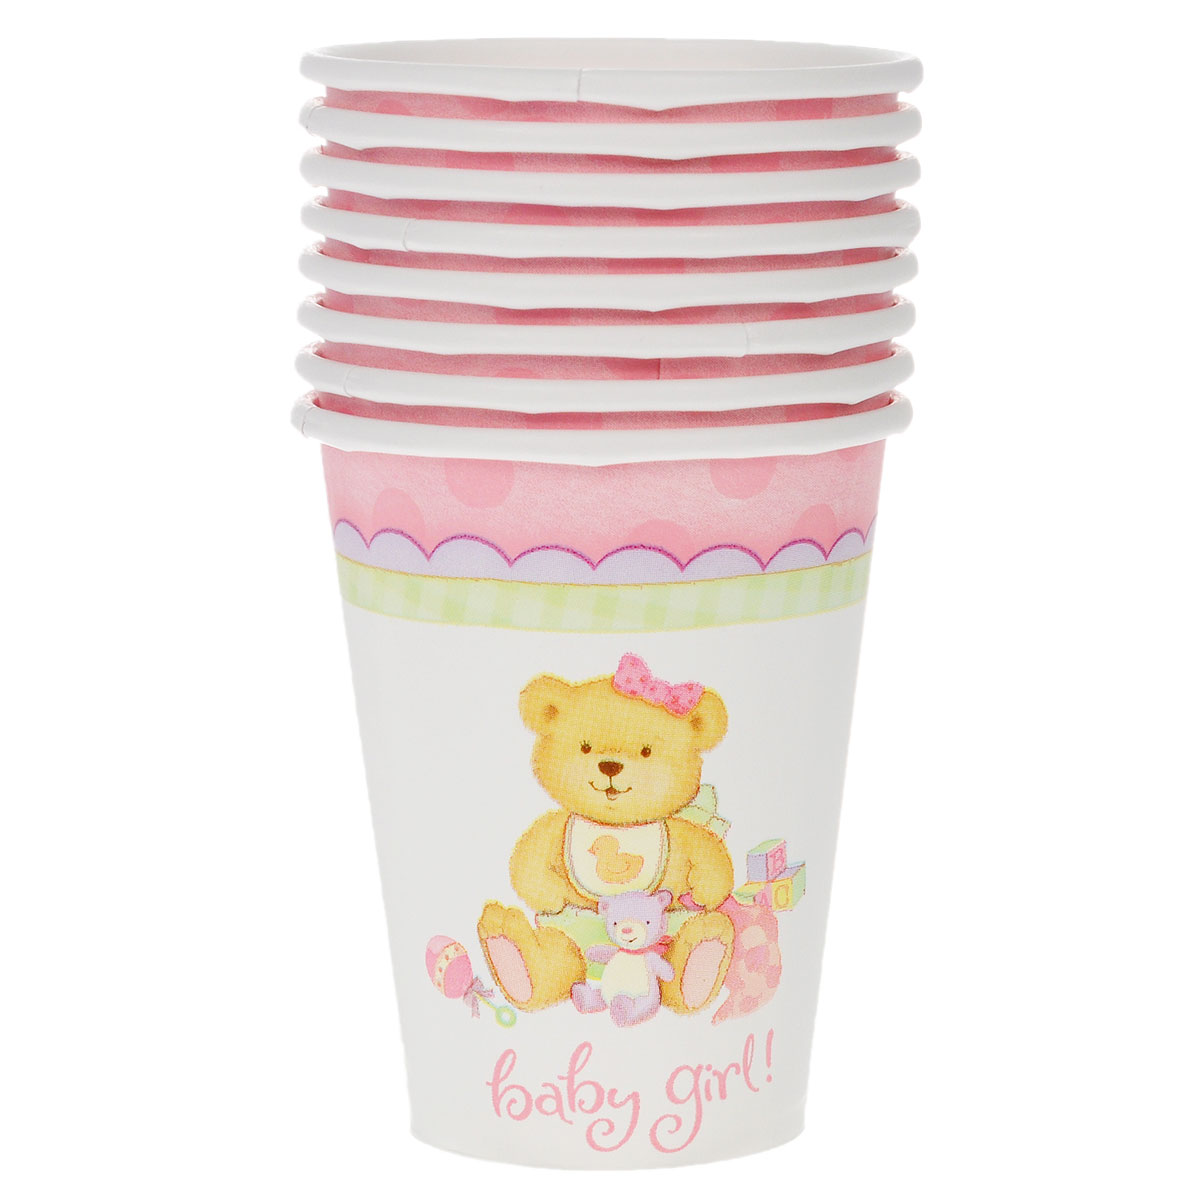 Веселая затея Стакан Медвежонок девочка, 8 шт веселая затея стакан медвежонок девочка 8 шт